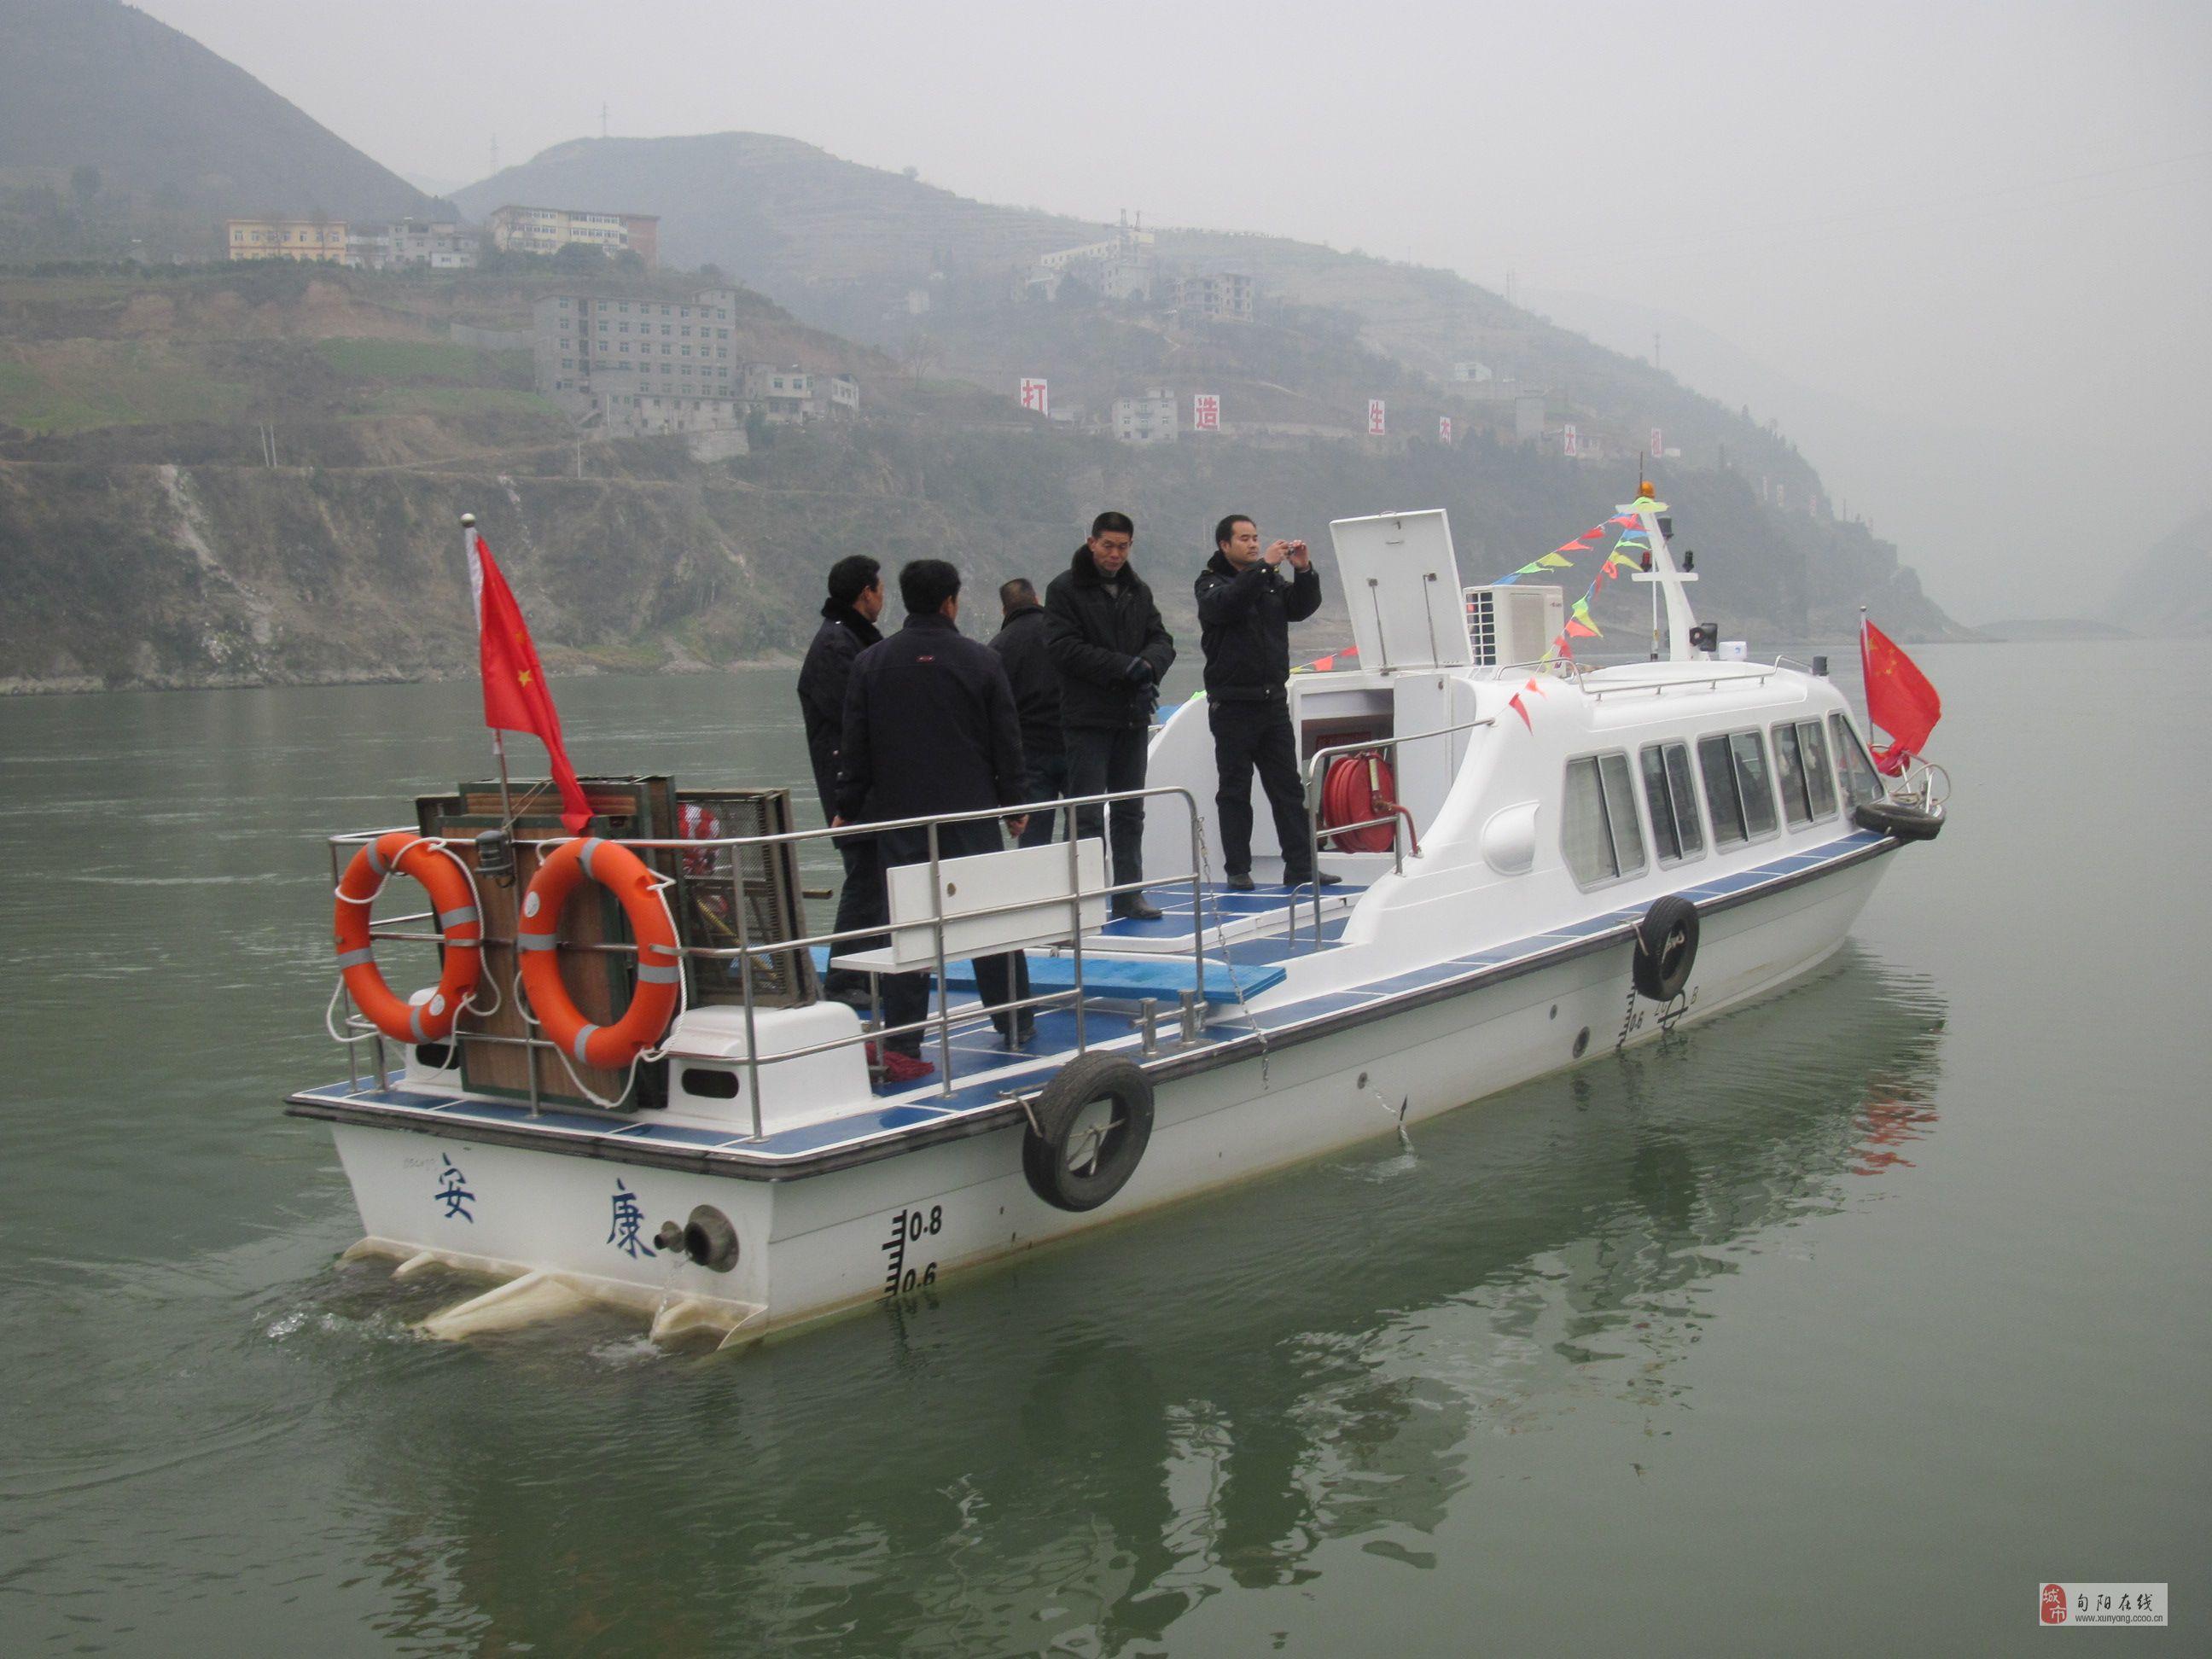 旬陽縣水陸運輸公司高速旅游快客船今日正式對外包游